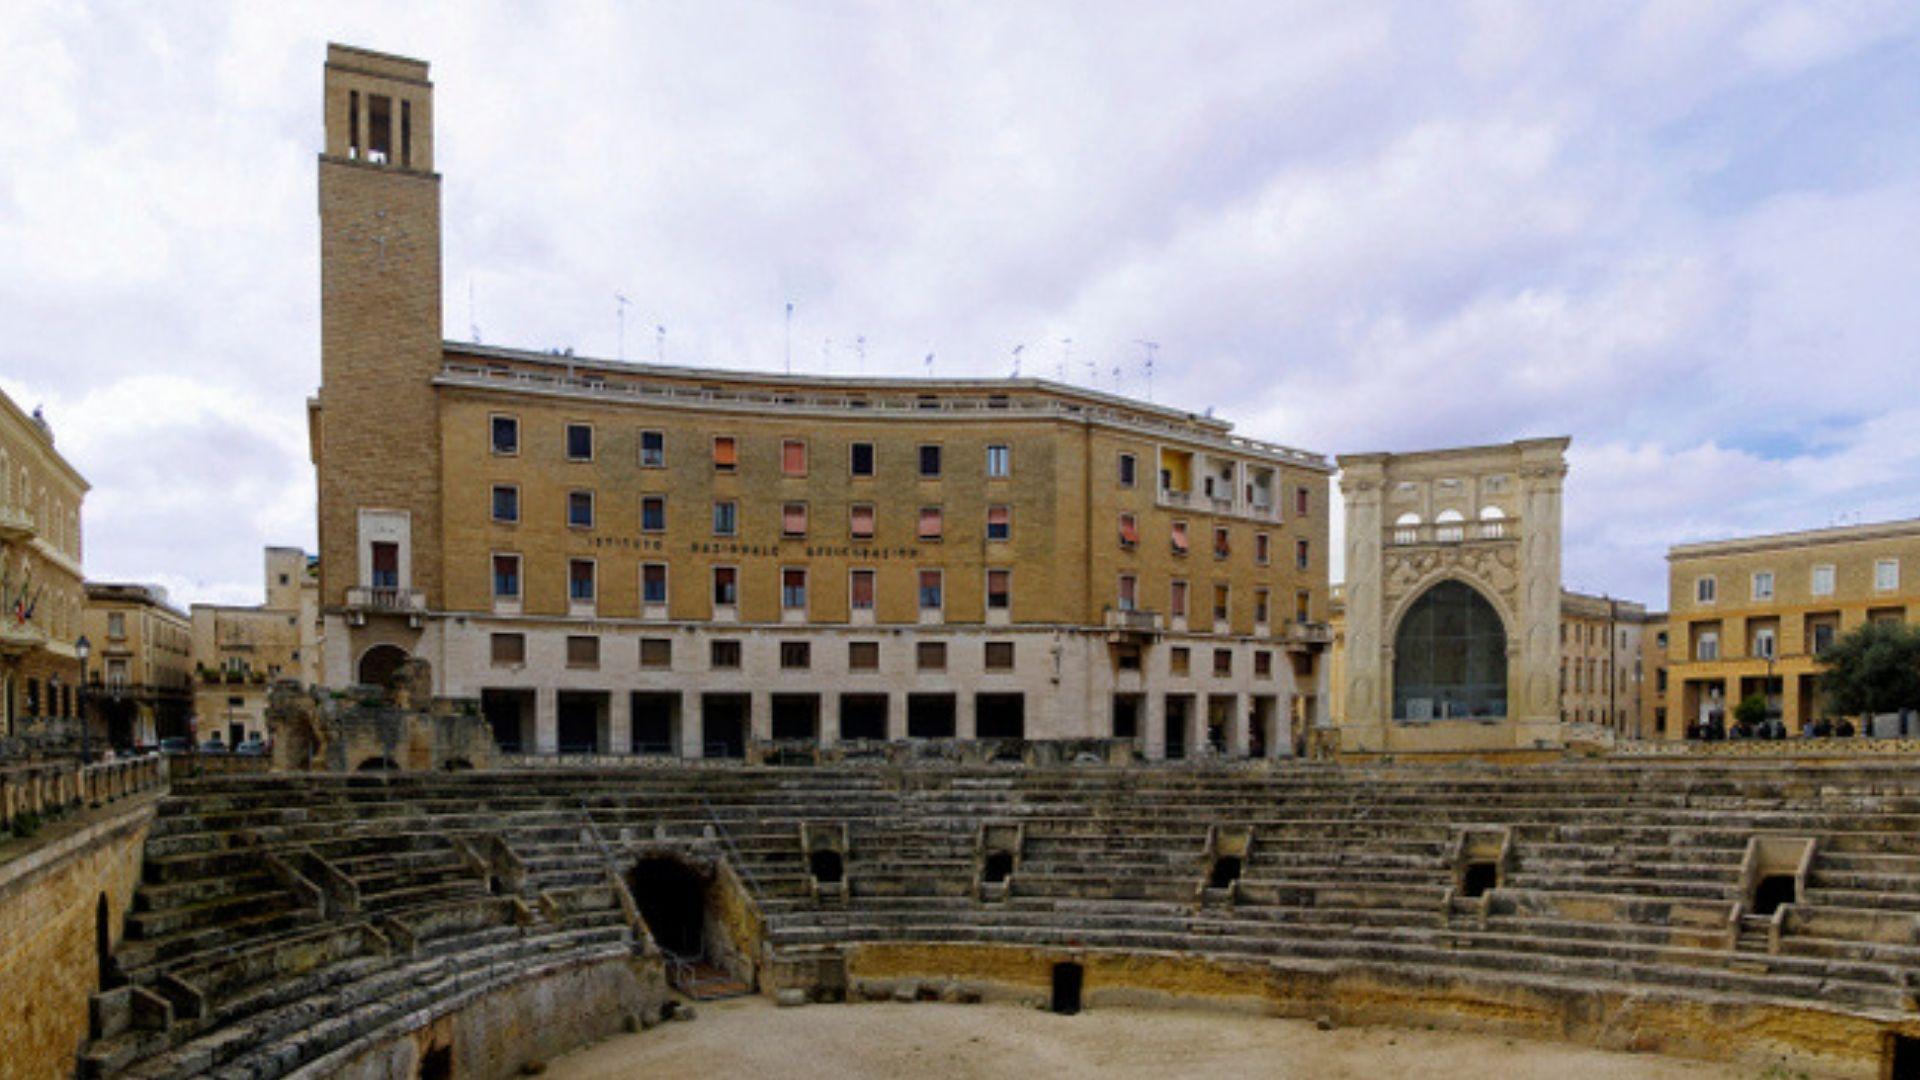 Architetti Famosi Lecce archistart: un summer camp di architettura e progettazione